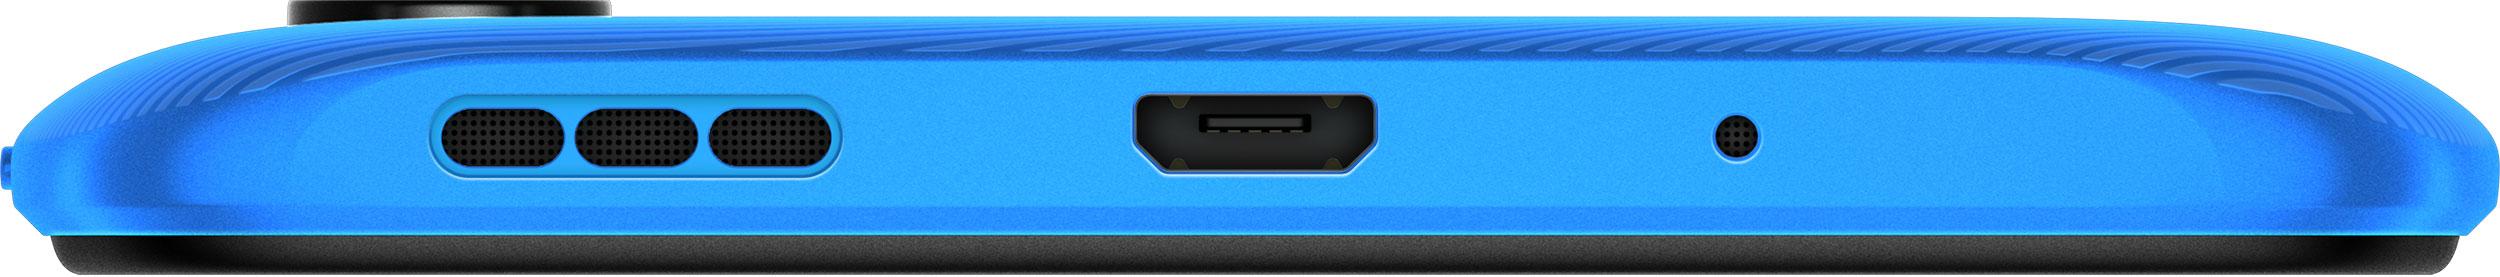 Redmi 9A okostelefon (Global) - 2+32GB, Sky Blue